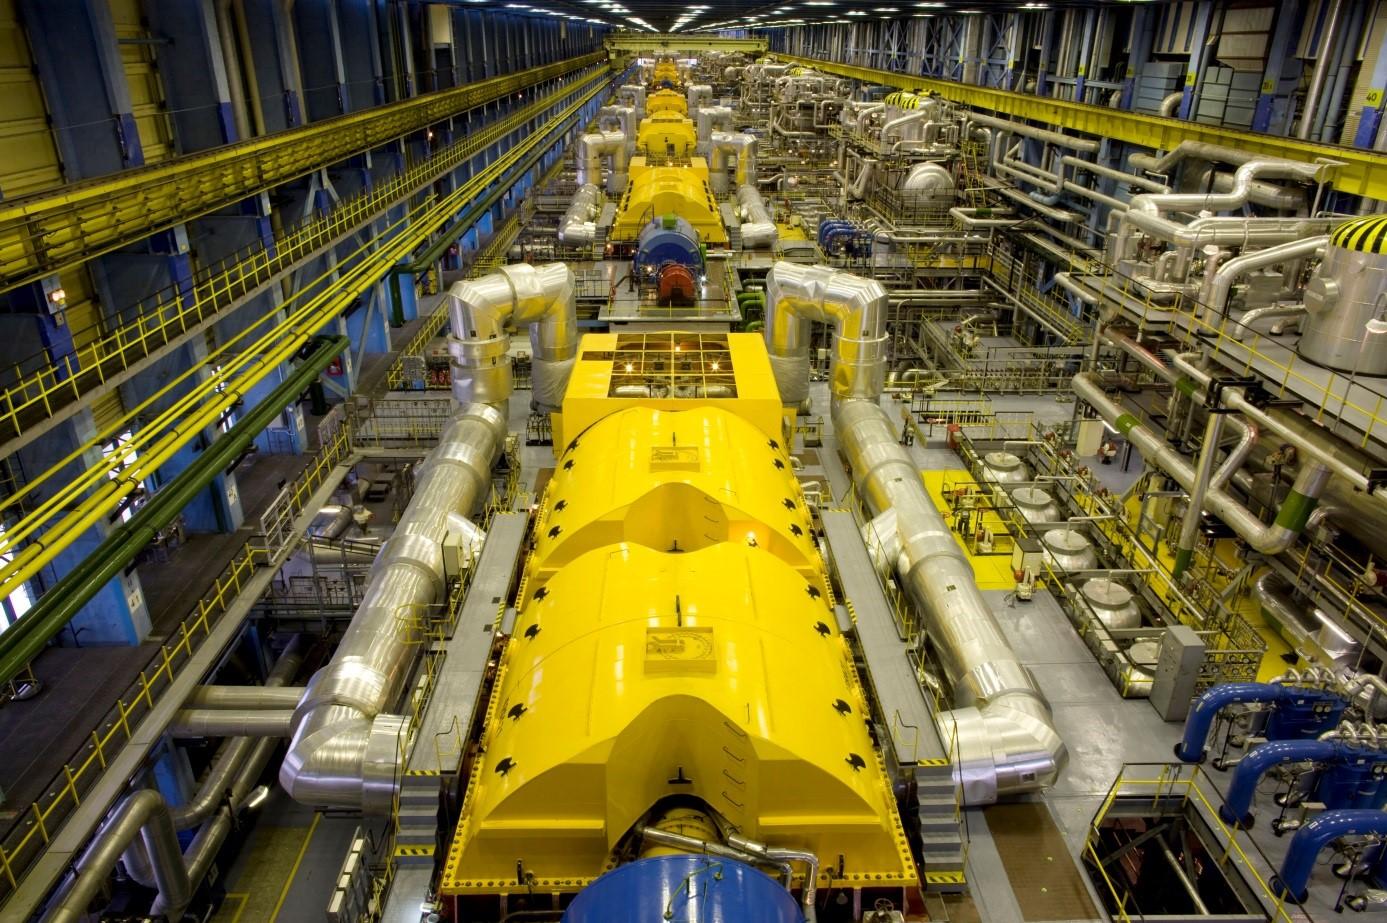 Műszaki hiba miatt ki kellett kapcsolni a paksi atomerőmű egyik blokkját